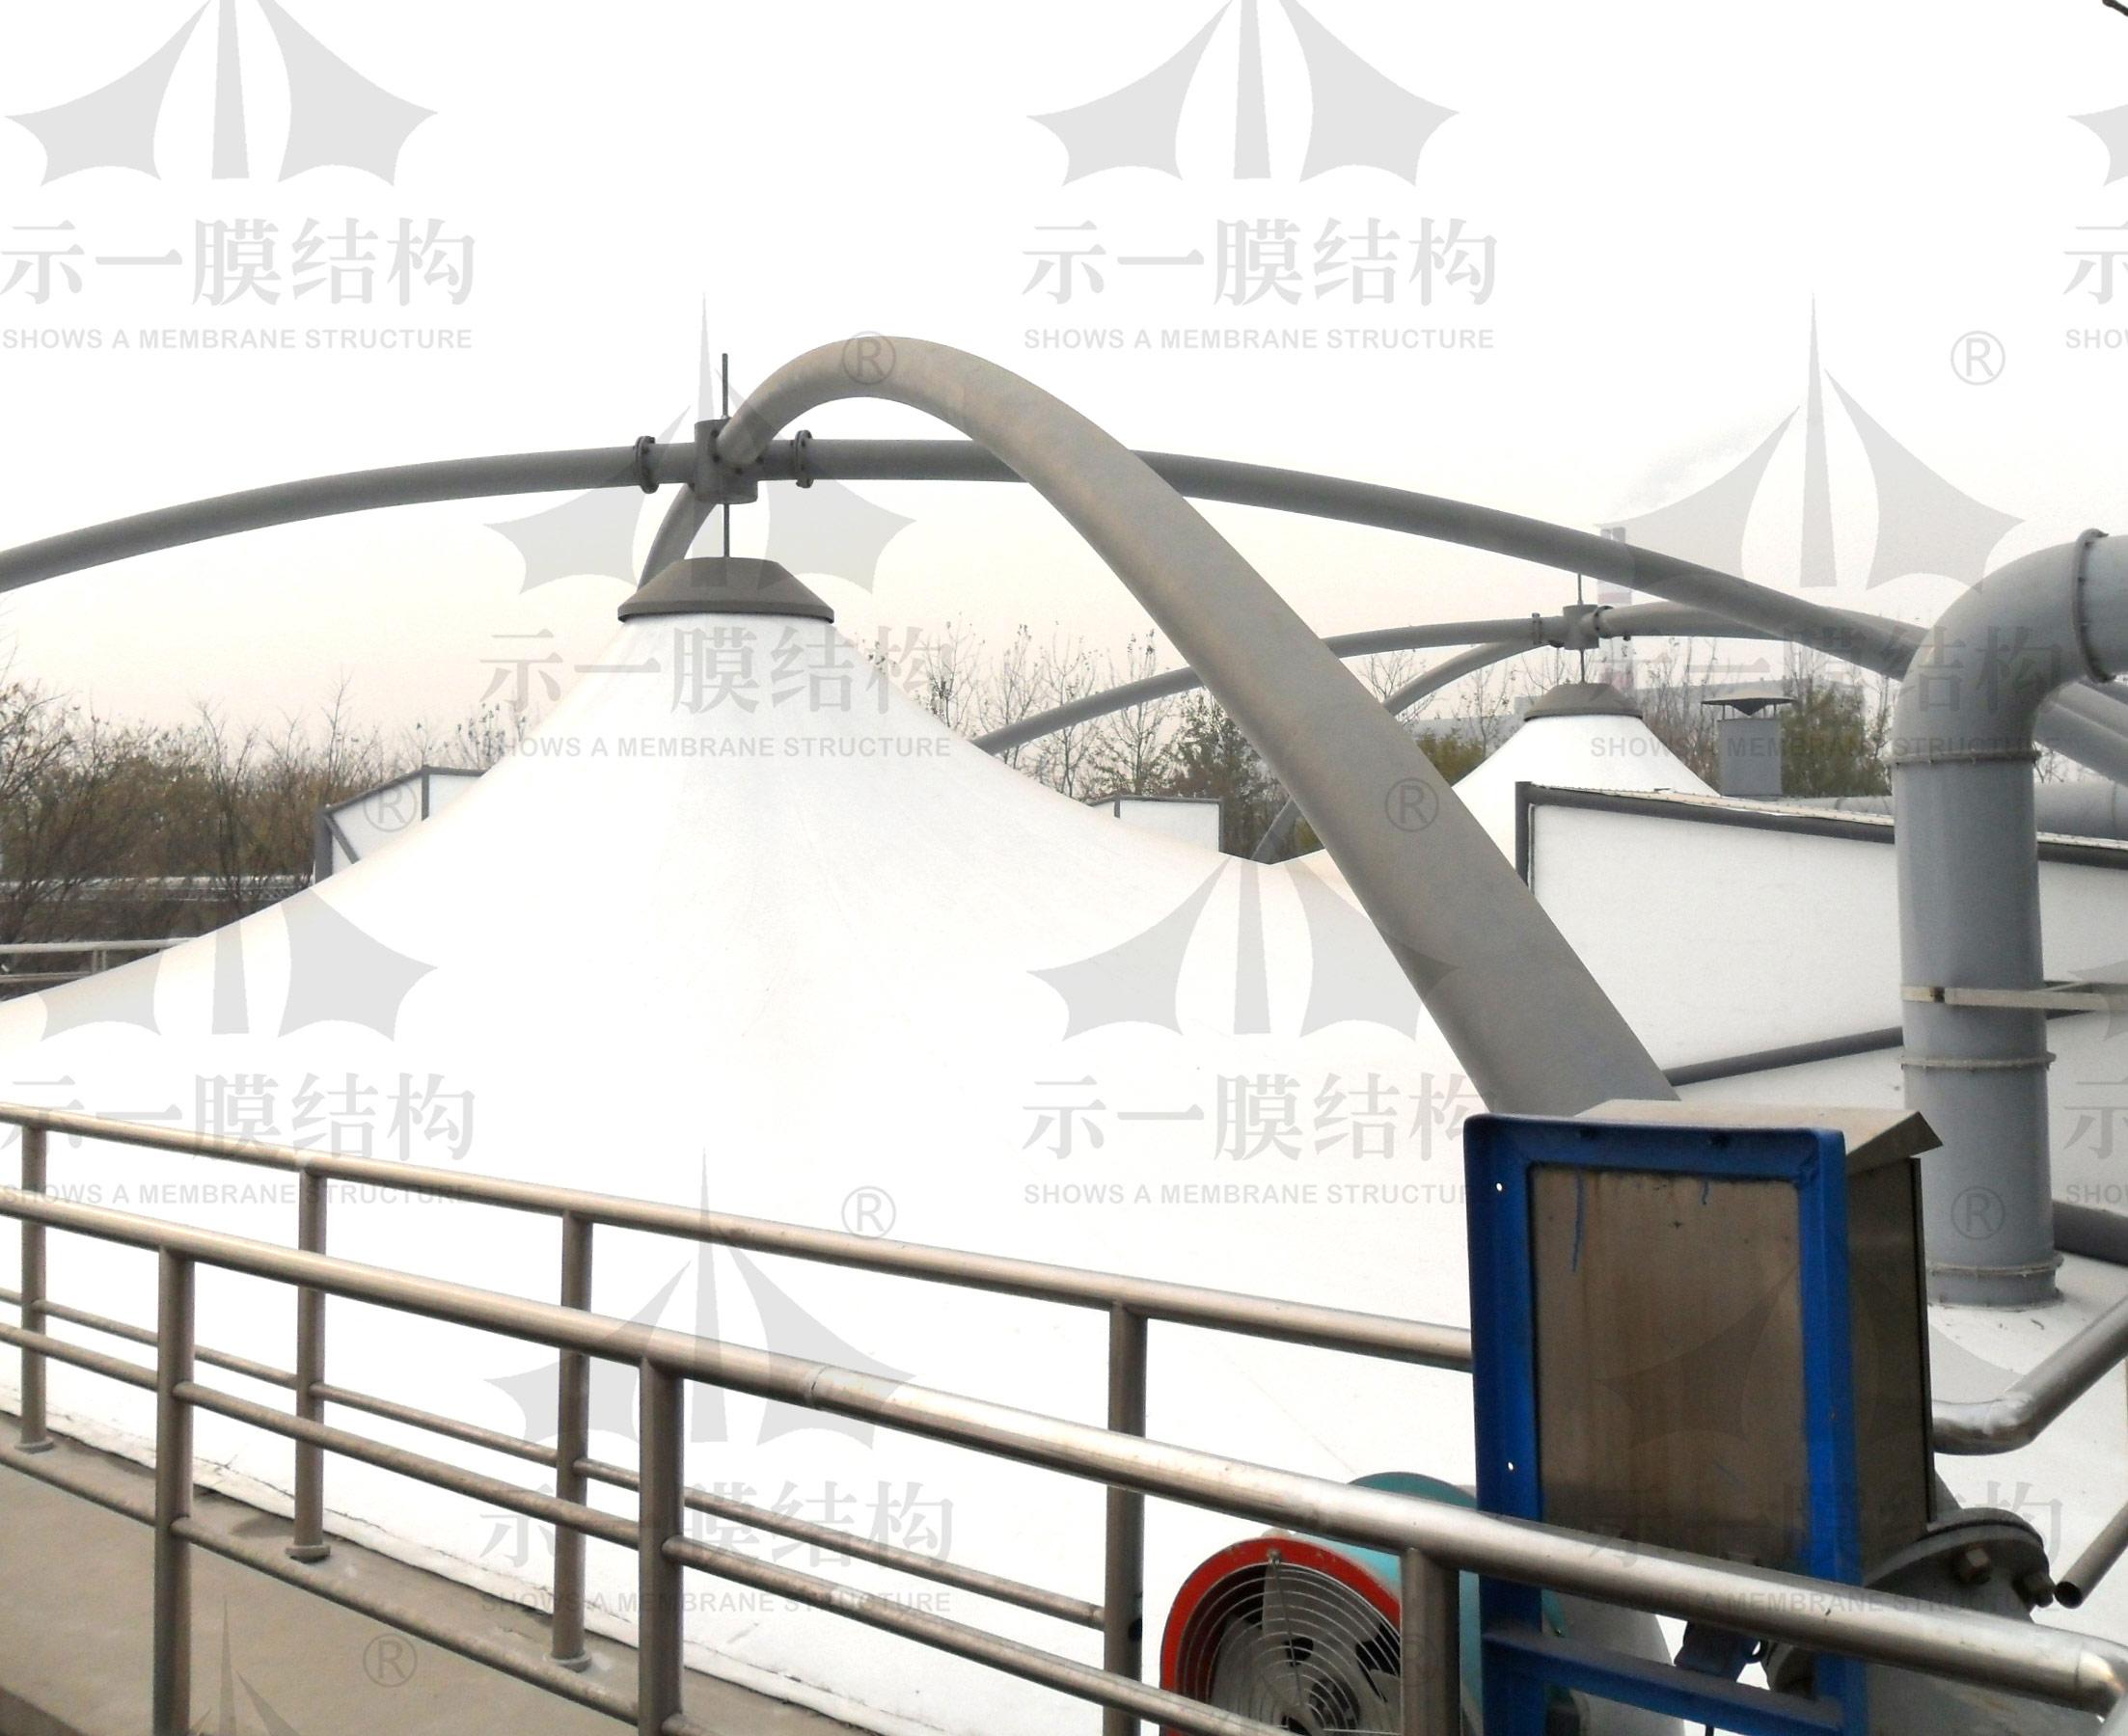 上海示一膜结构天津第一污水池膜加盖环保工程